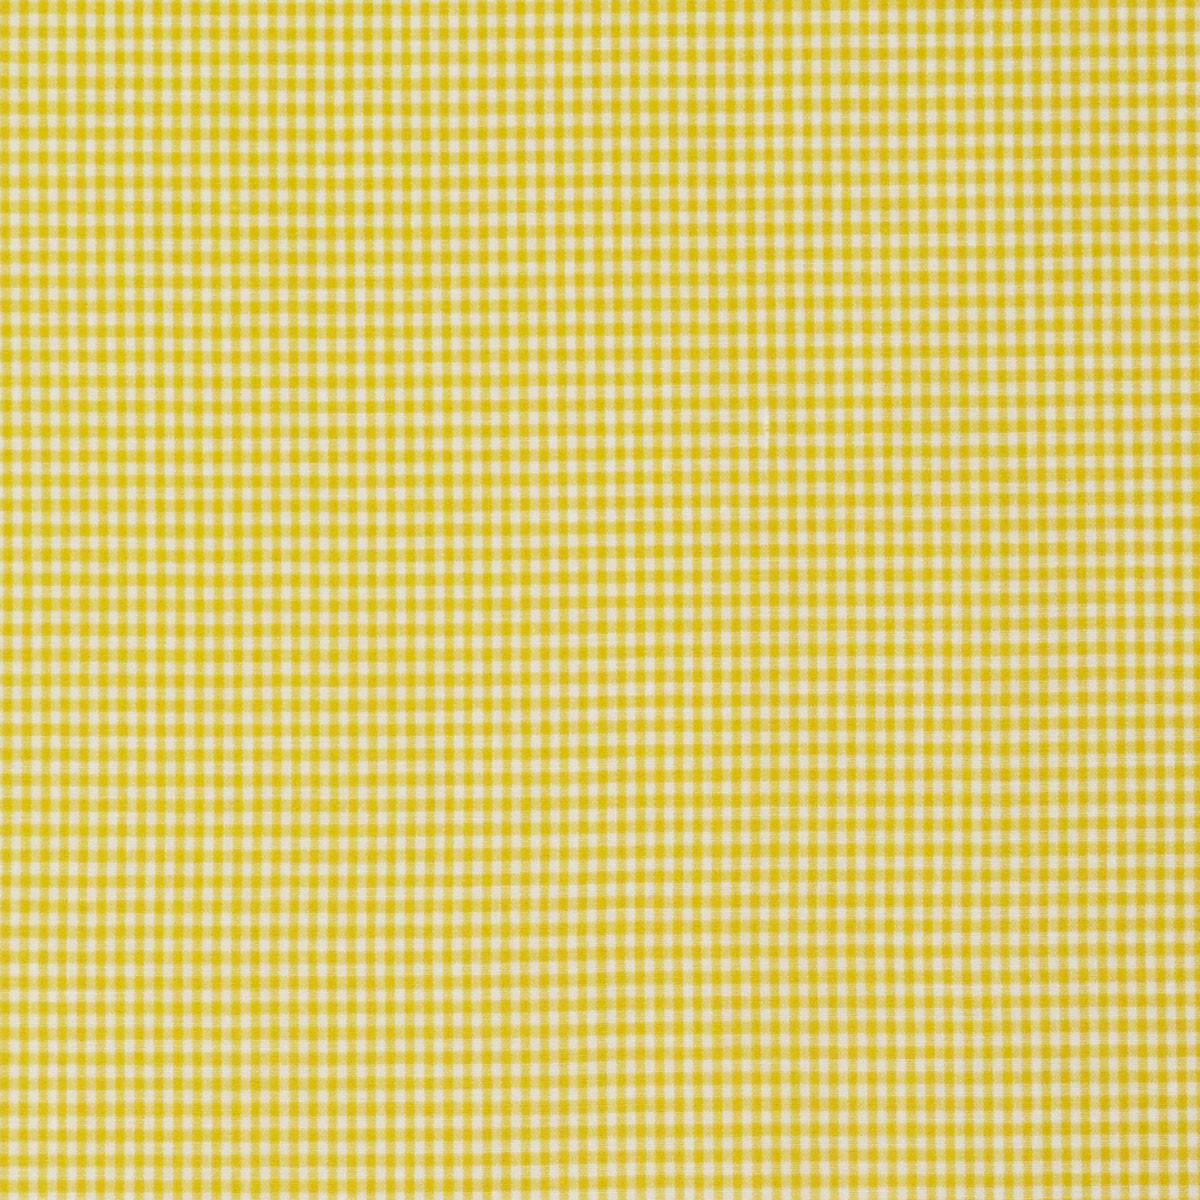 Baumwollstoff kariert weiß gelb 2mm